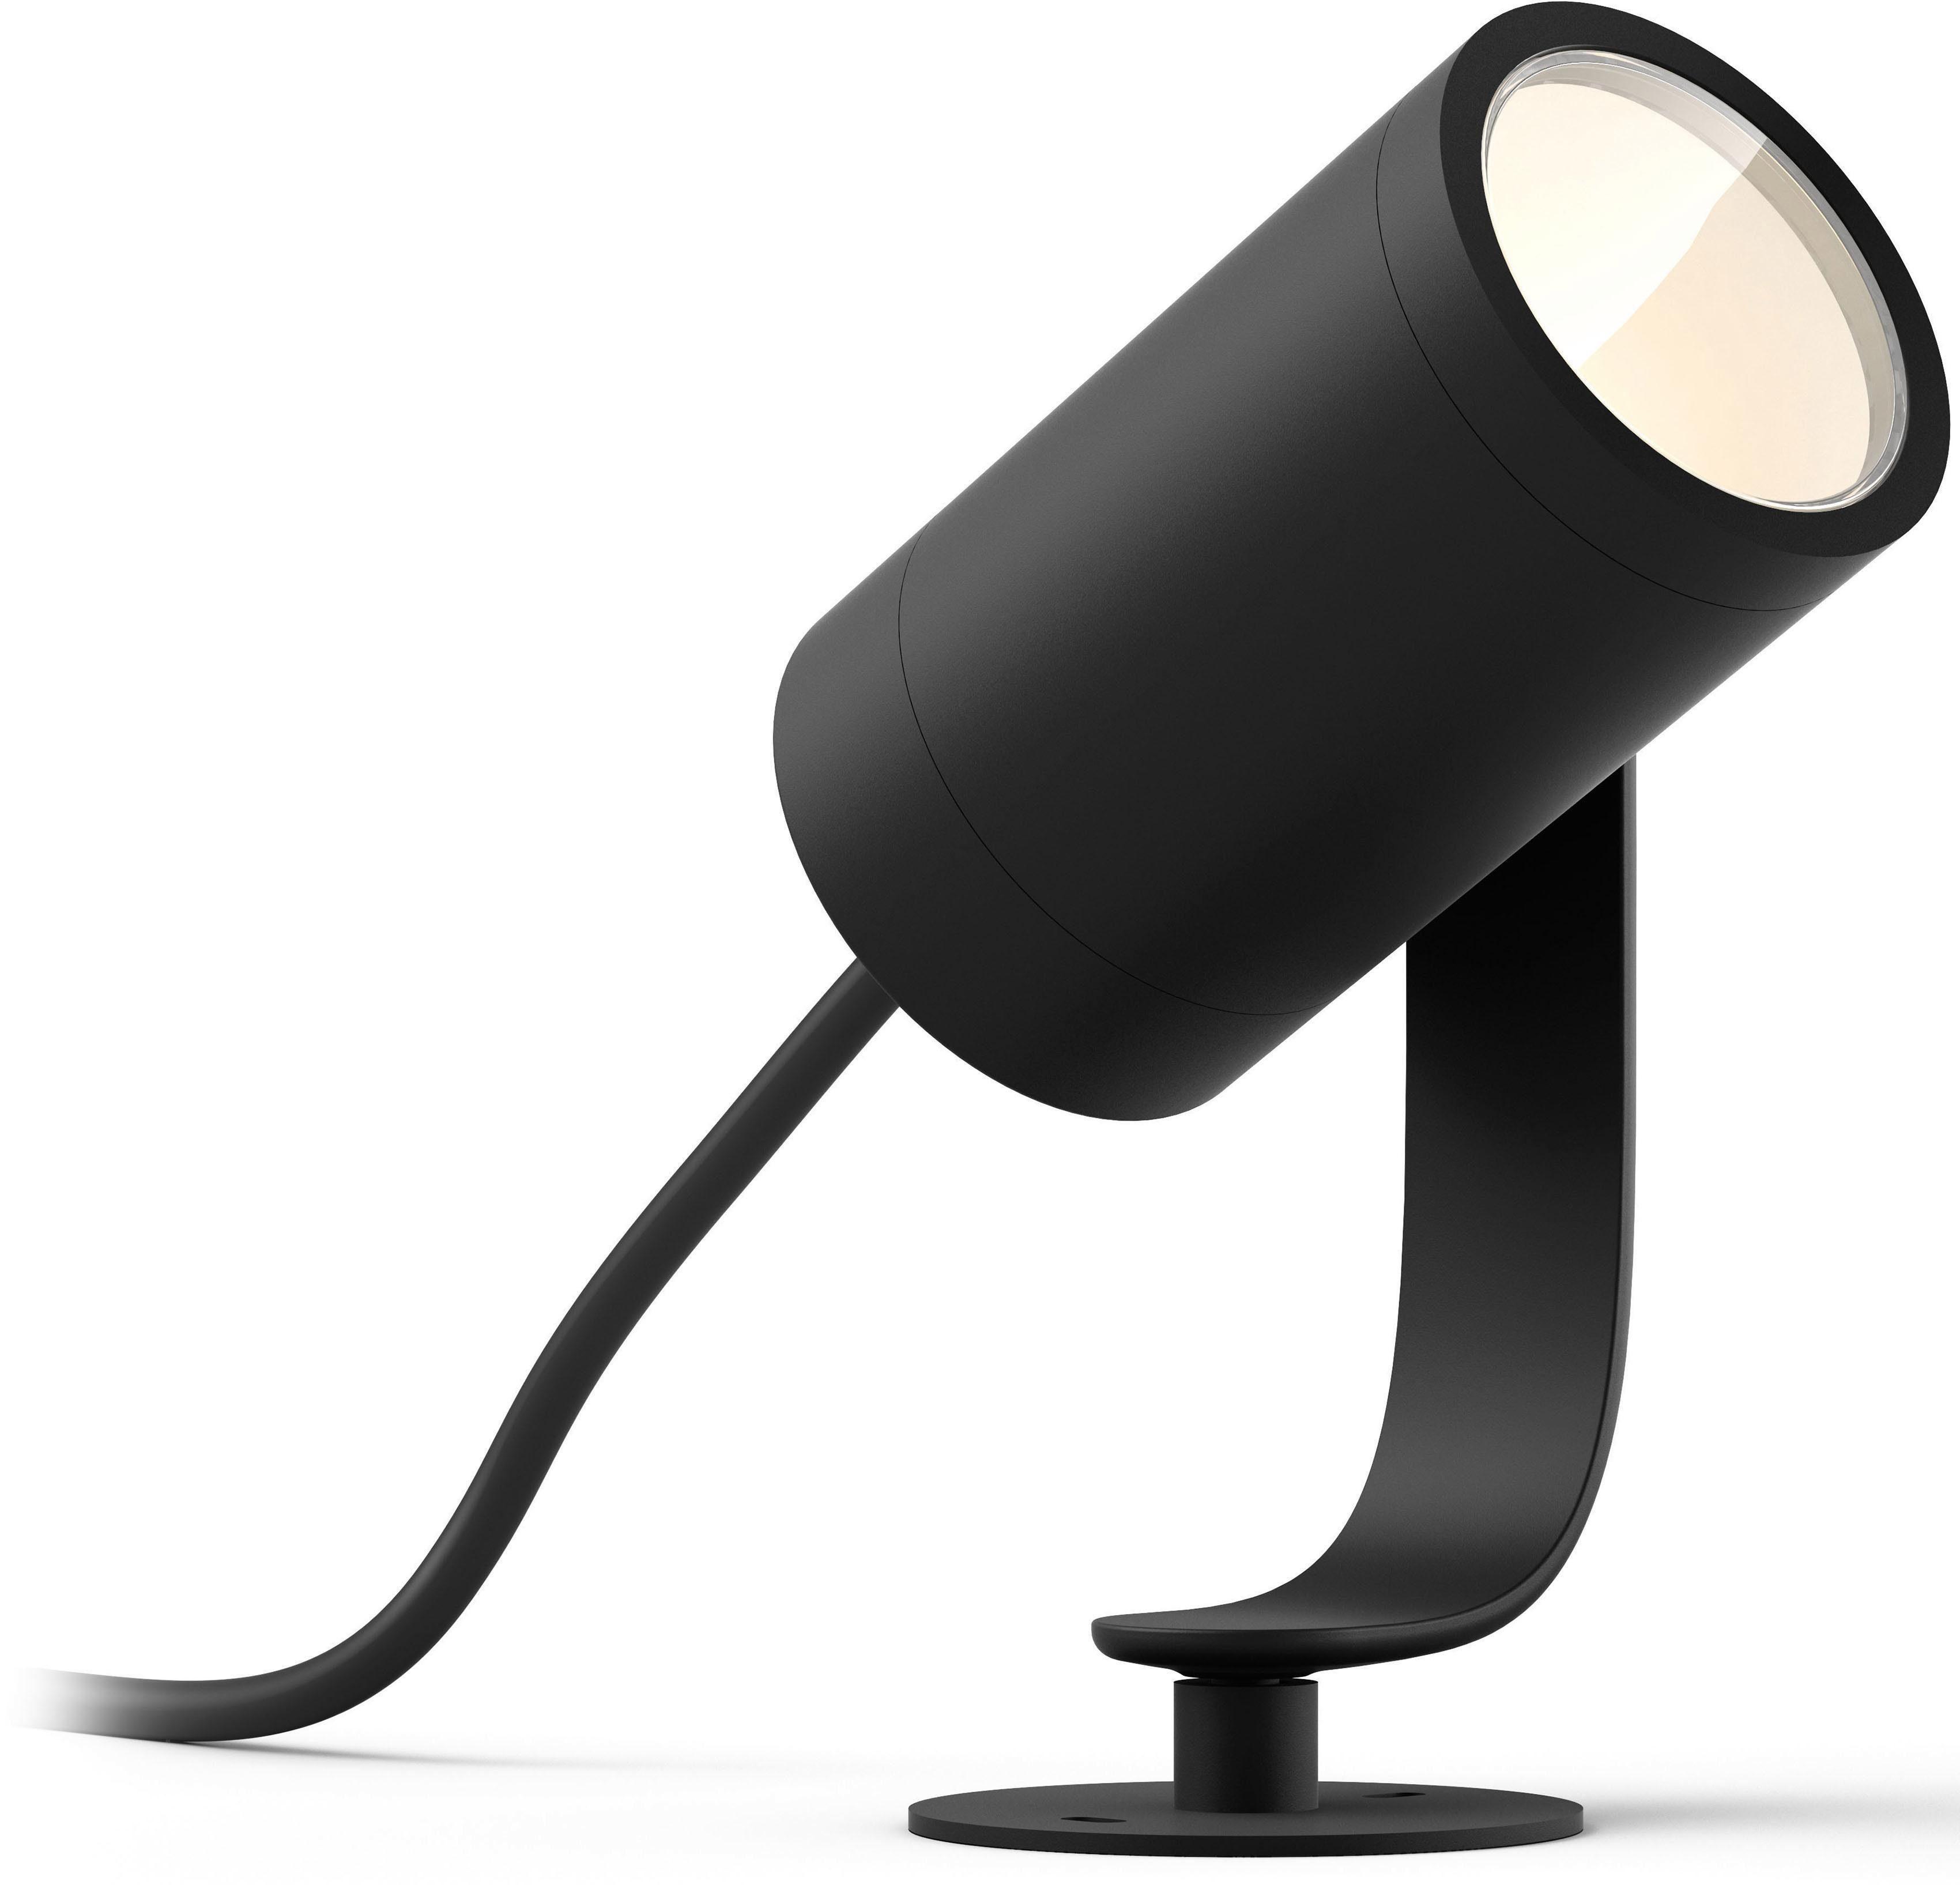 Philips Hue LED Gartenstrahler »Lily«, 1-flammig, Erweiterung (ohne Netzteil) - Base Kit 1- oder 3-flammig erforderlich